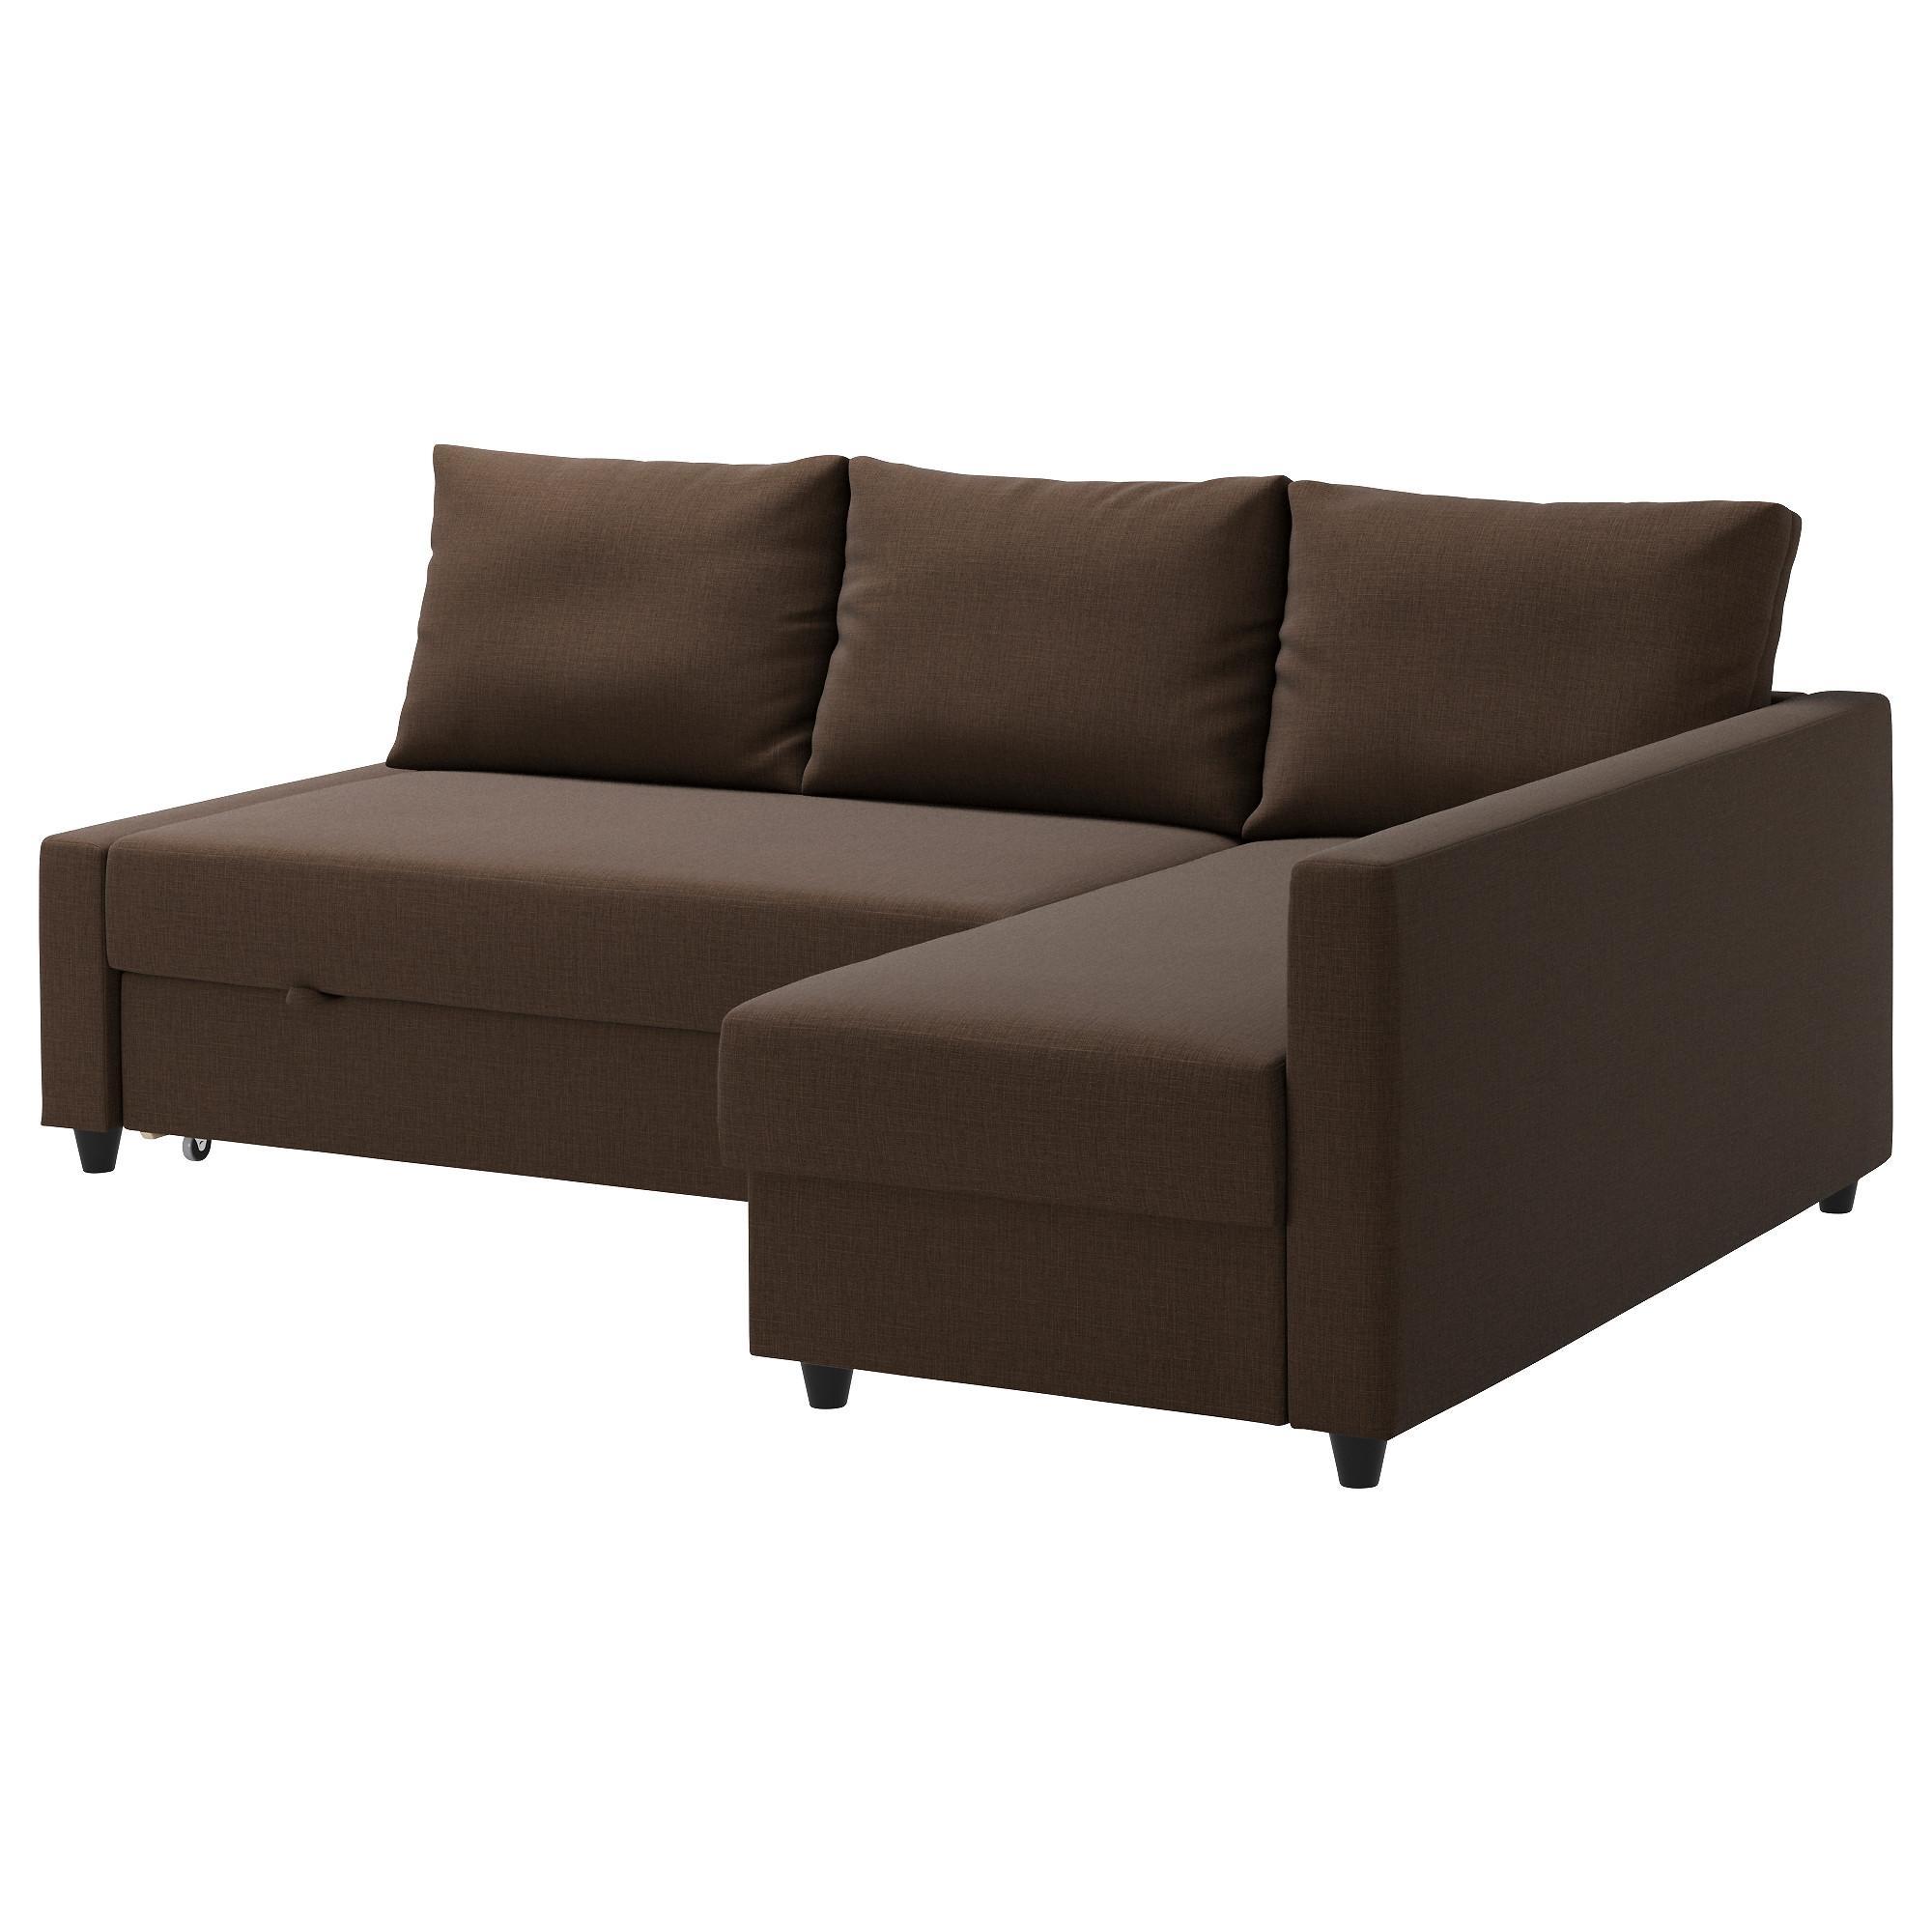 20 Choices Of Ikea Sofa Storage Sofa Ideas